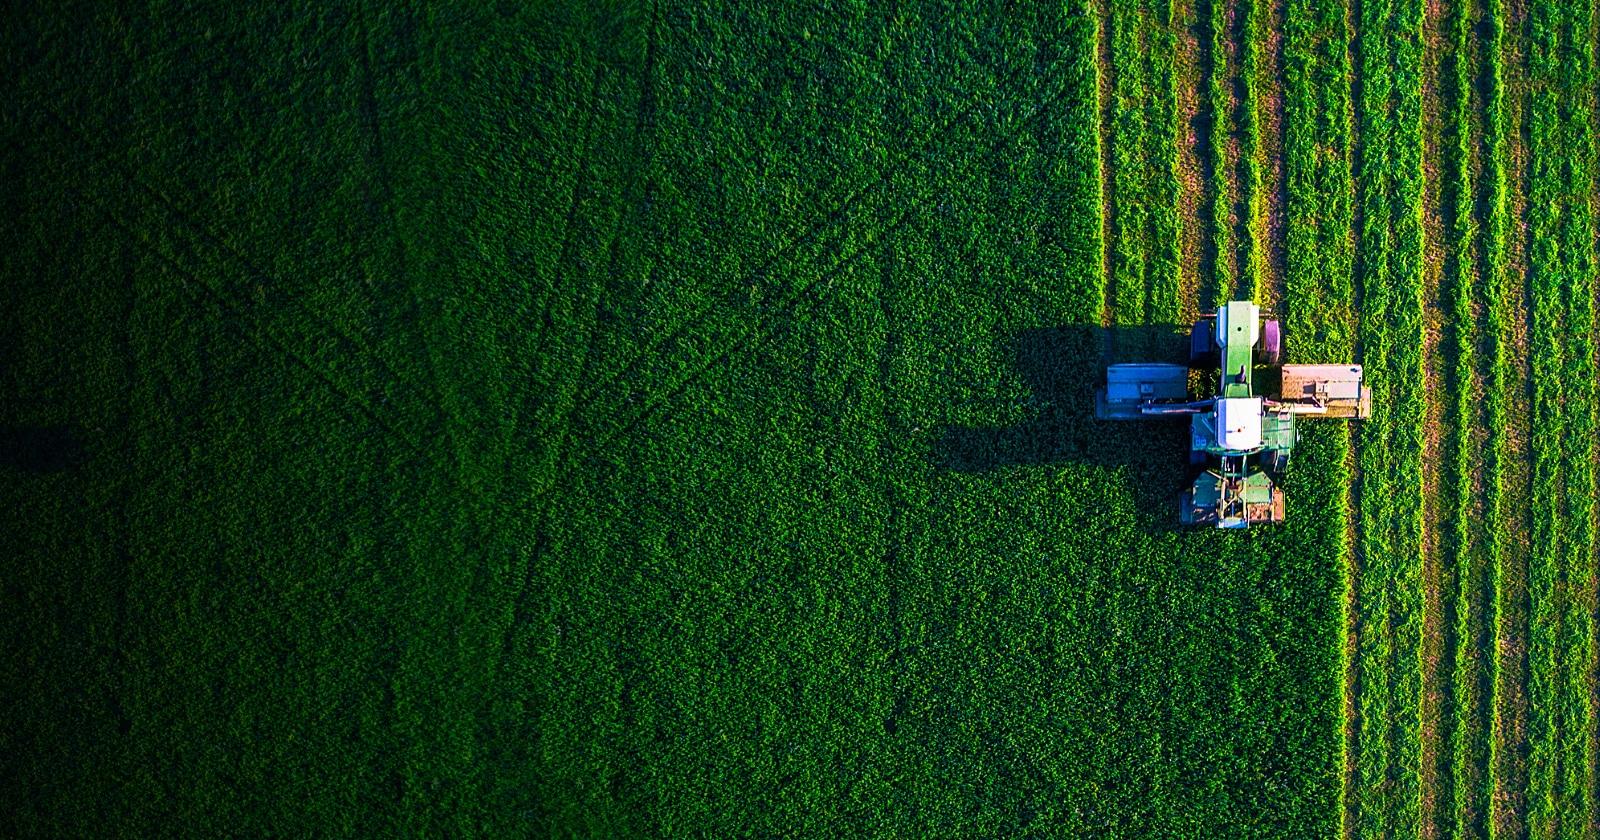 farmers in green field